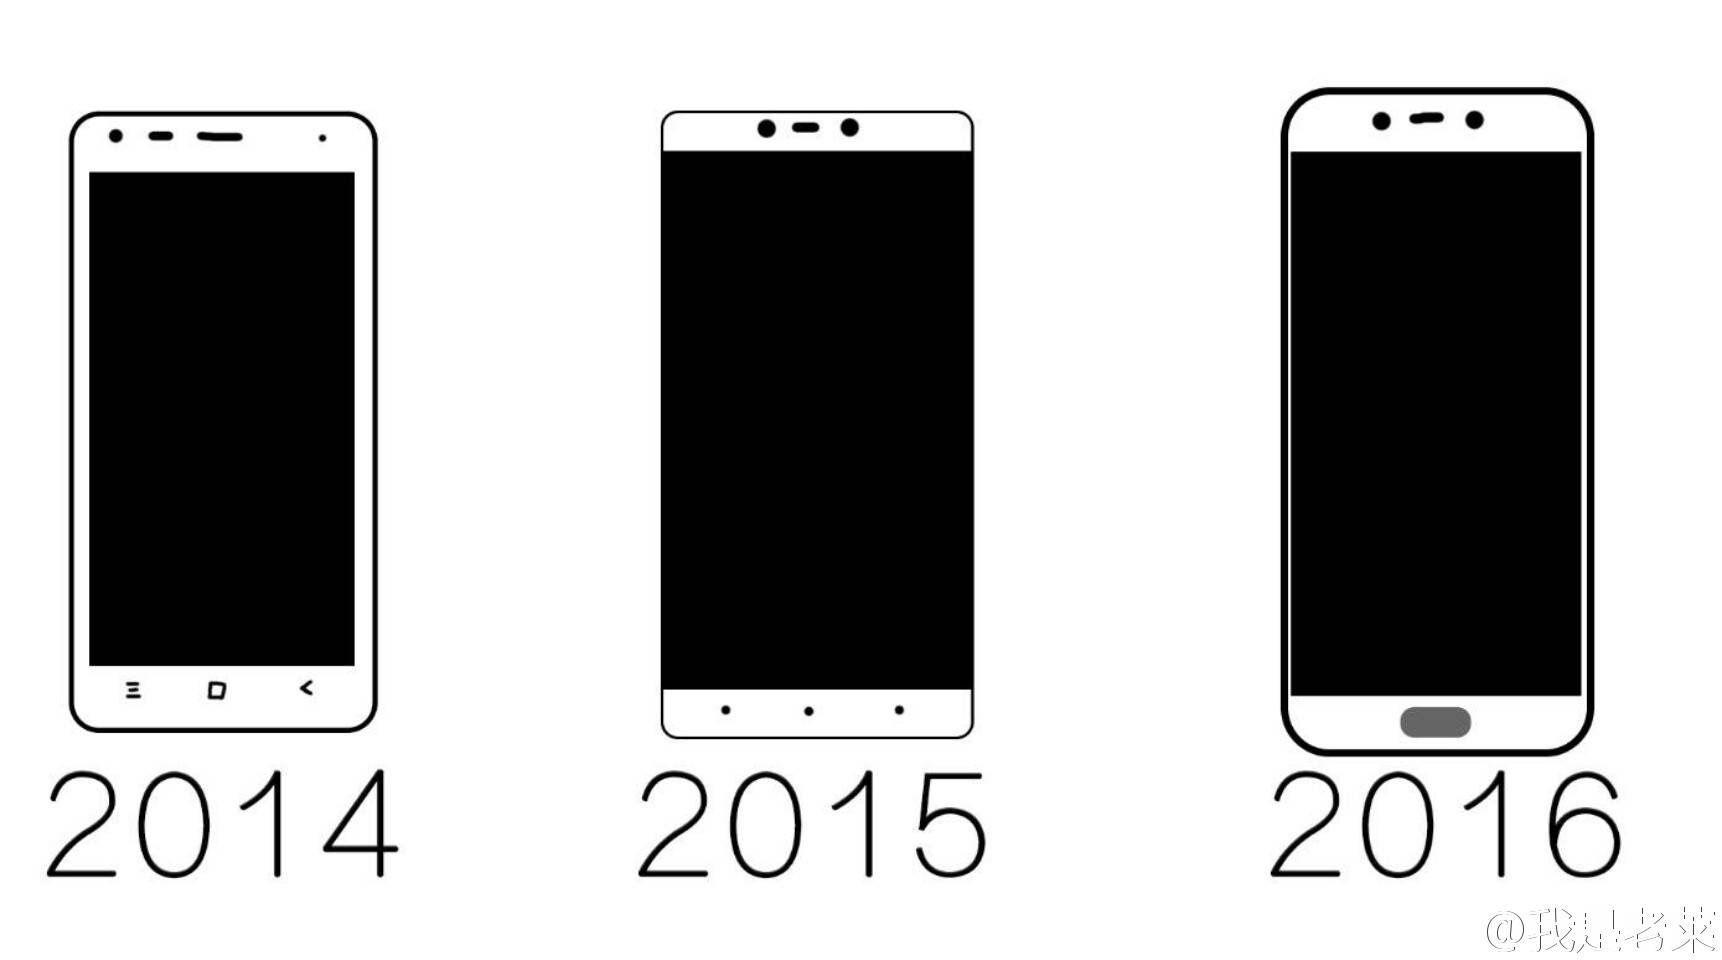 中国国内で2016年に発表されたスマートフォンの見分けがつかないと話題。ほぼ全てのスマートフォンが前面にホームボタンを配置